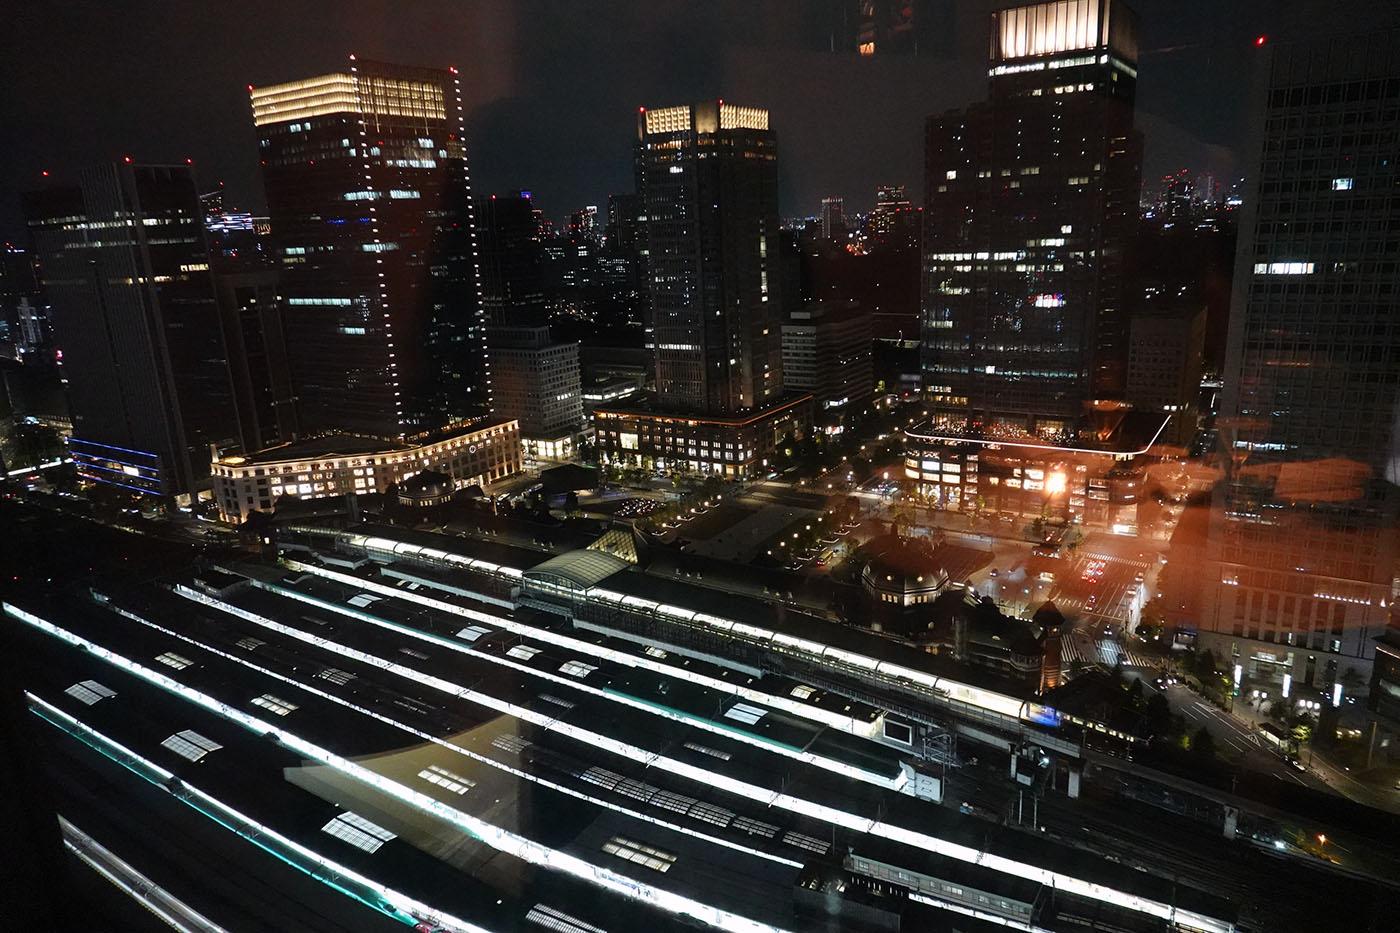 シャングリラホテル東京ピャチェーレ夜景